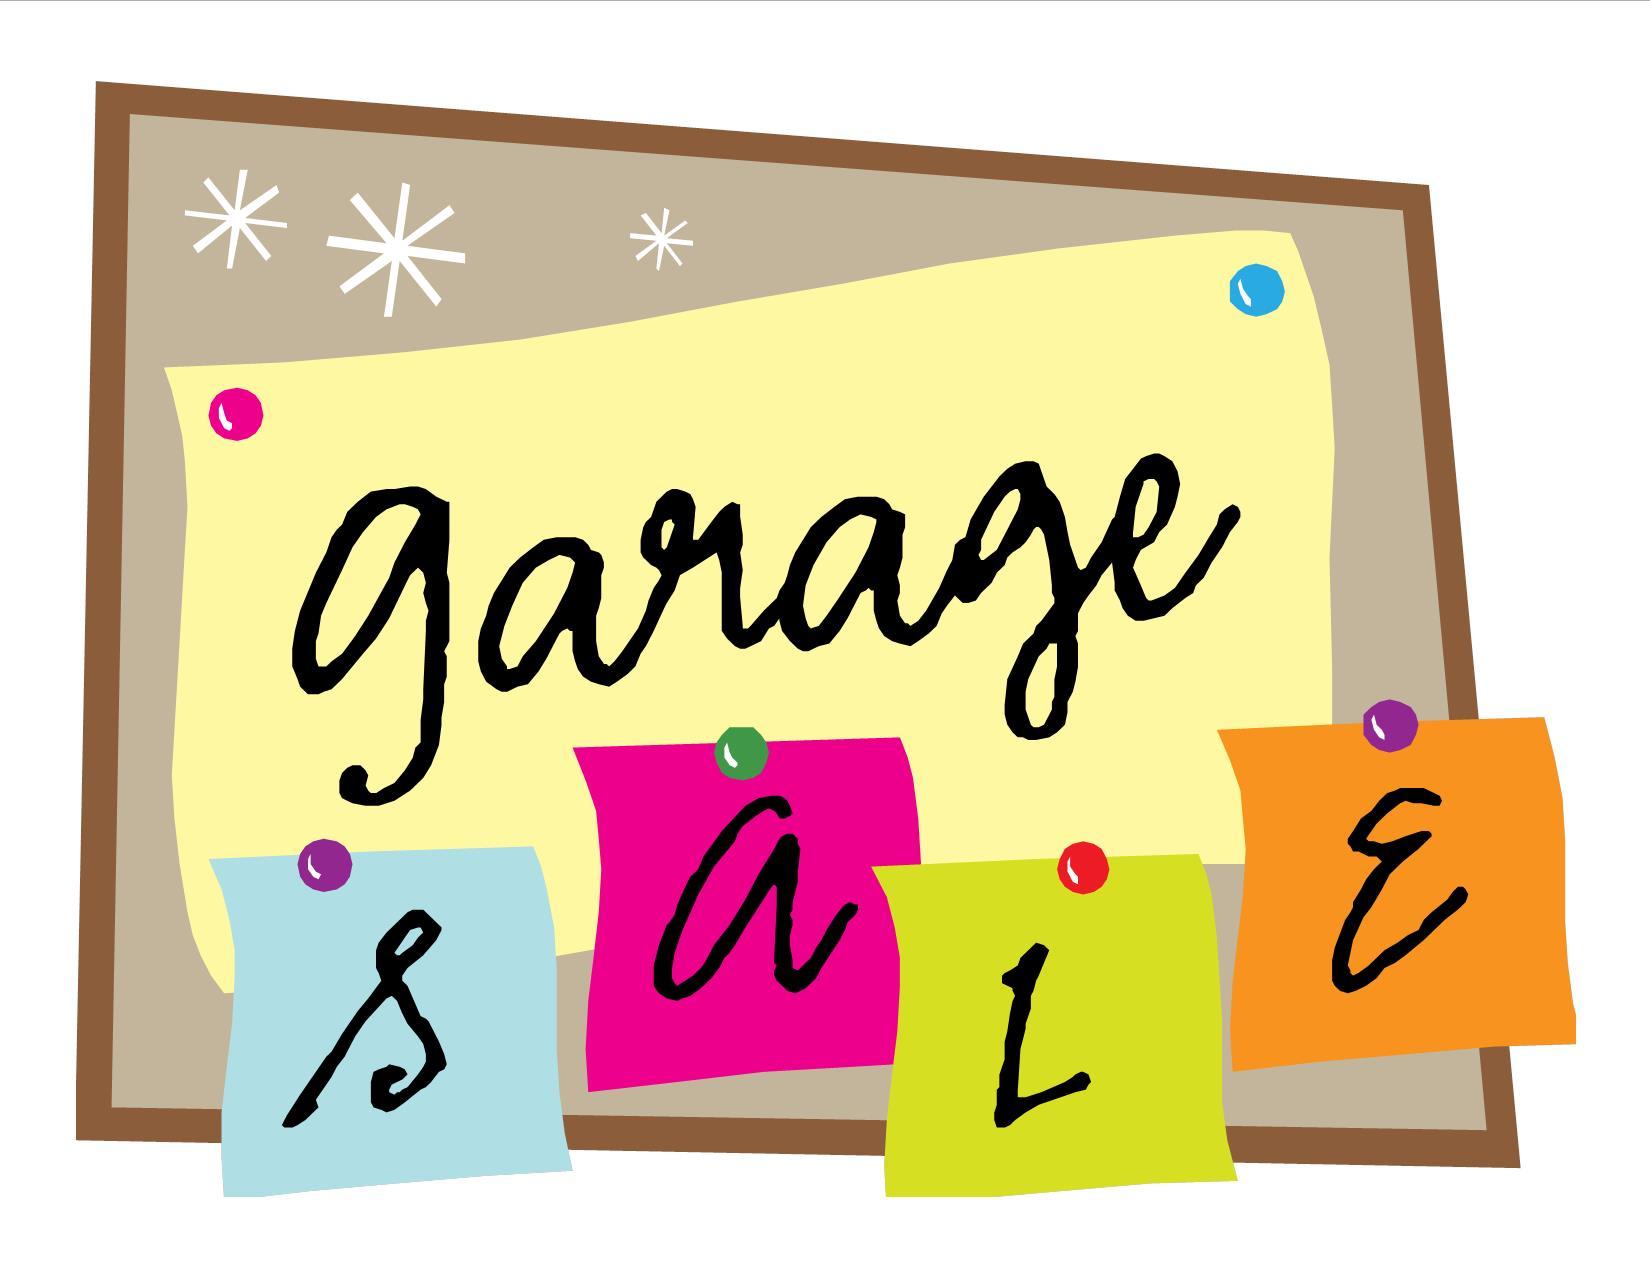 1650x1275 Garage Sales Imconfident